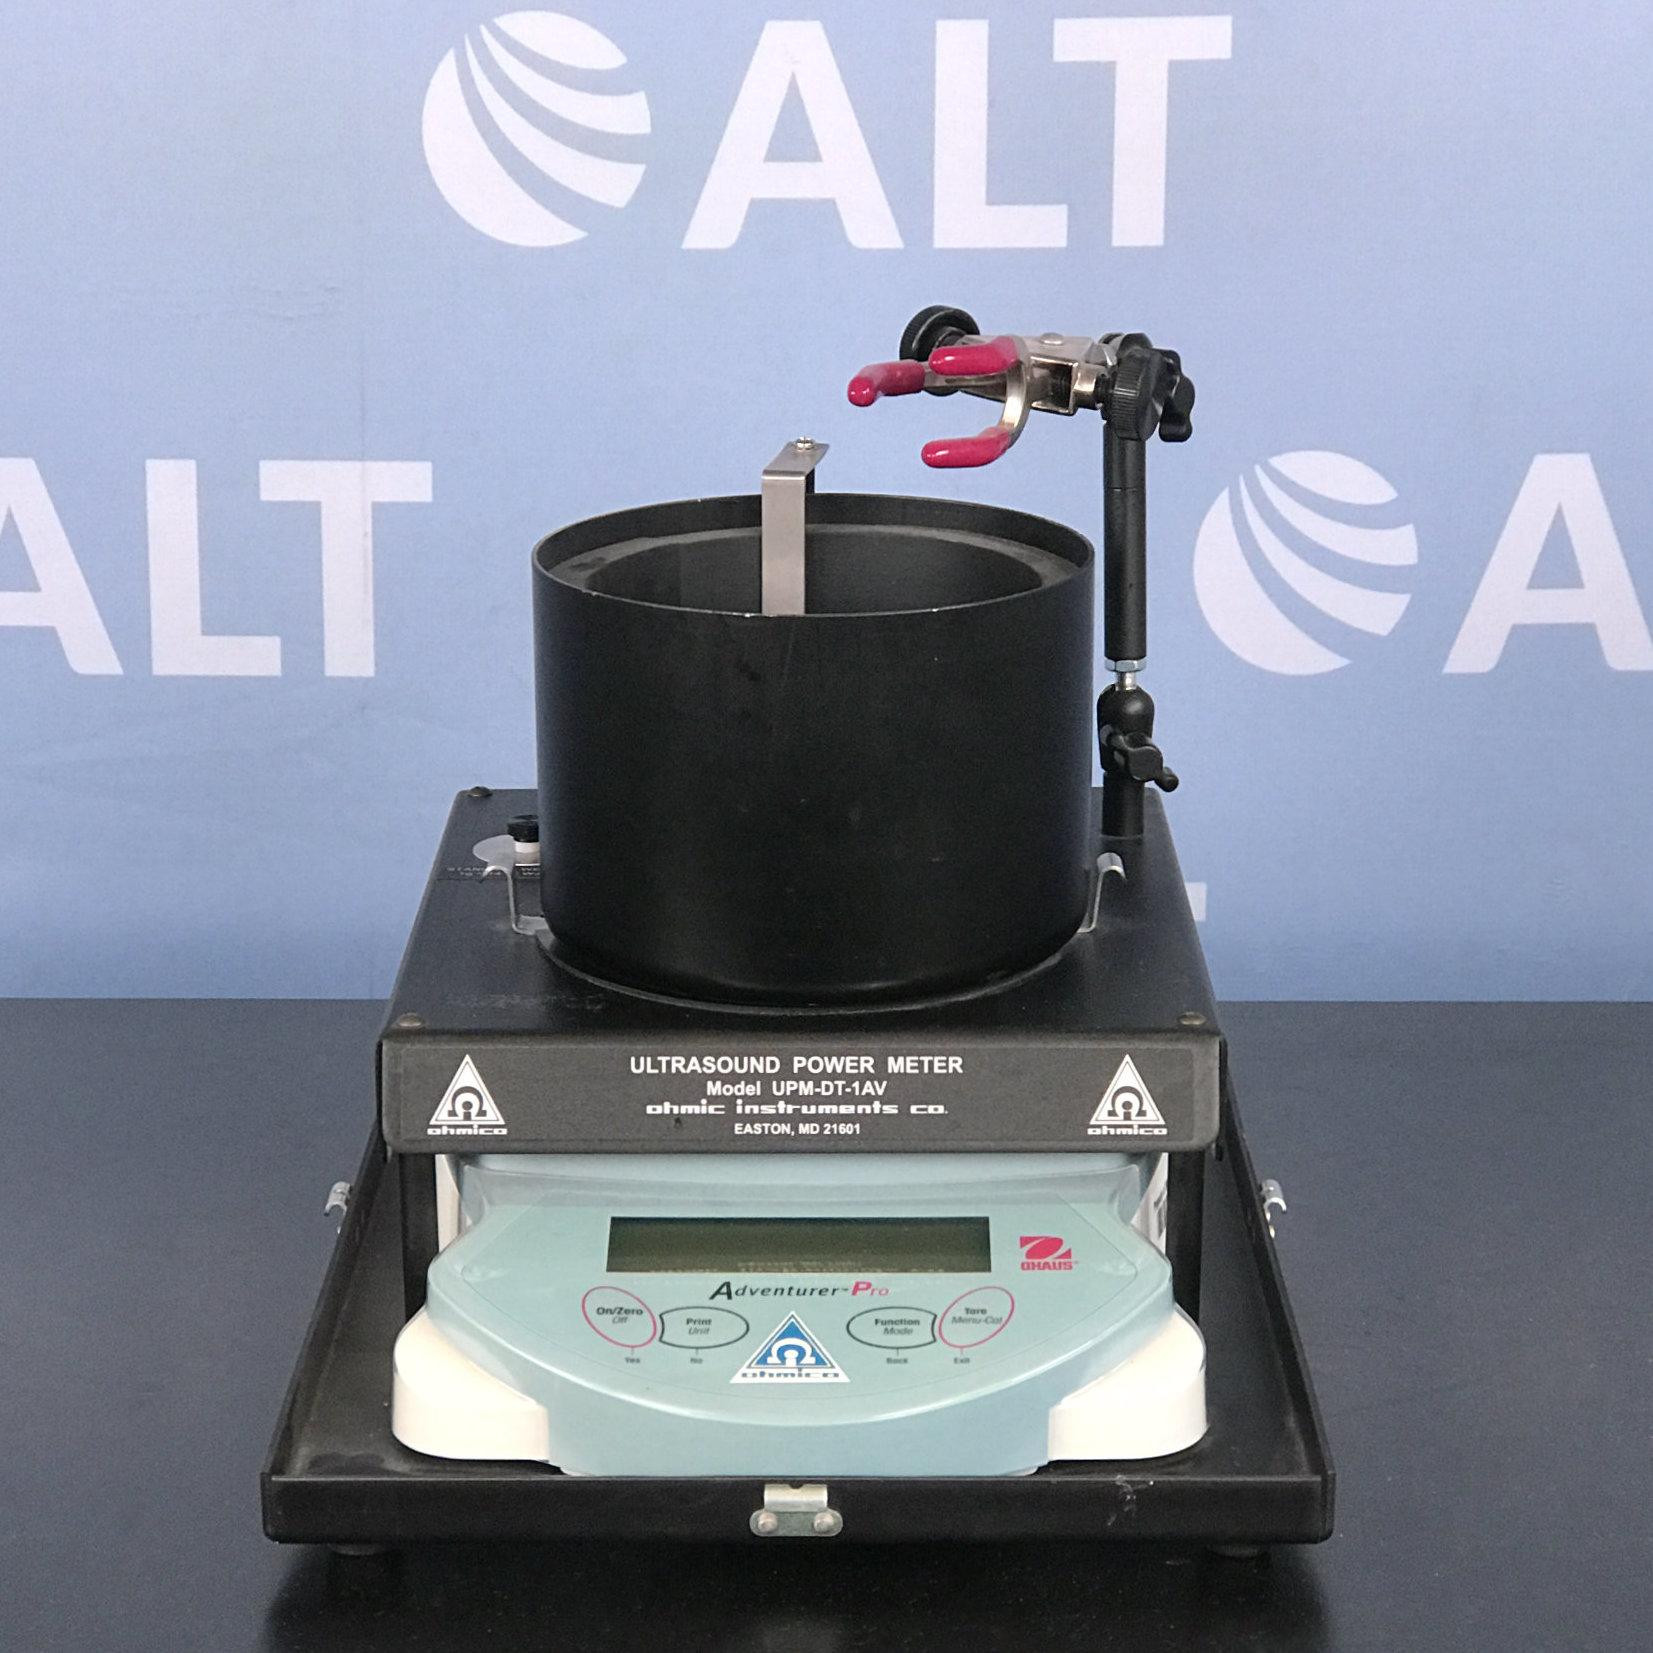 UPM-DT-1AV Ultrasound Power Meter Name